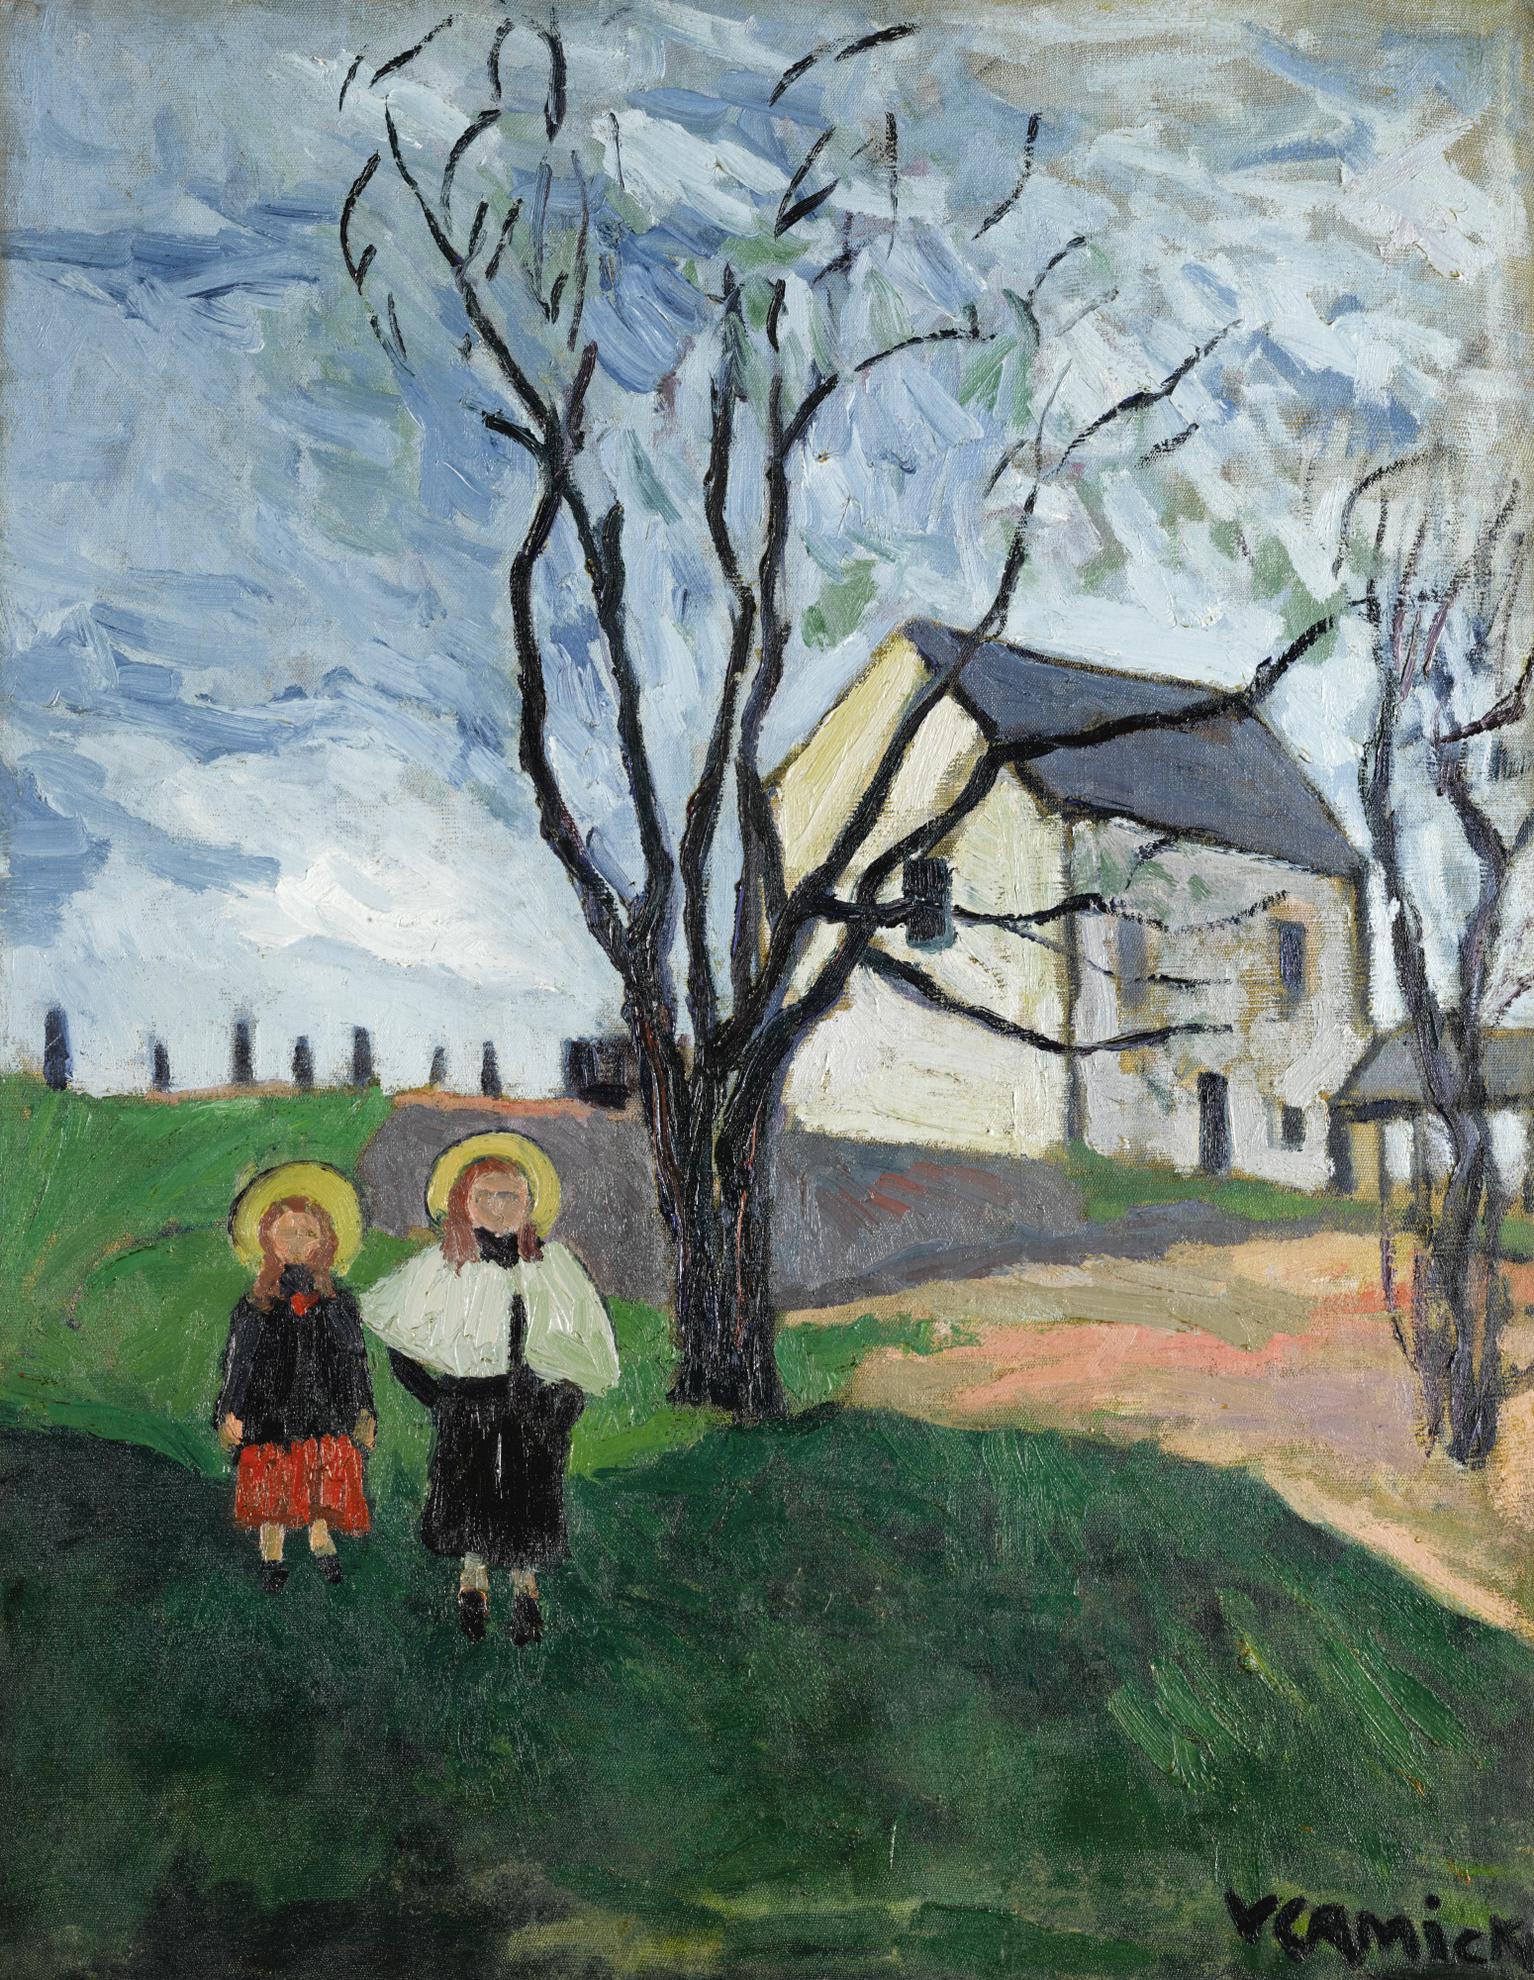 Maurice de Vlaminck-Rusticite Or Les Enfants Dans Un Jardin-1903